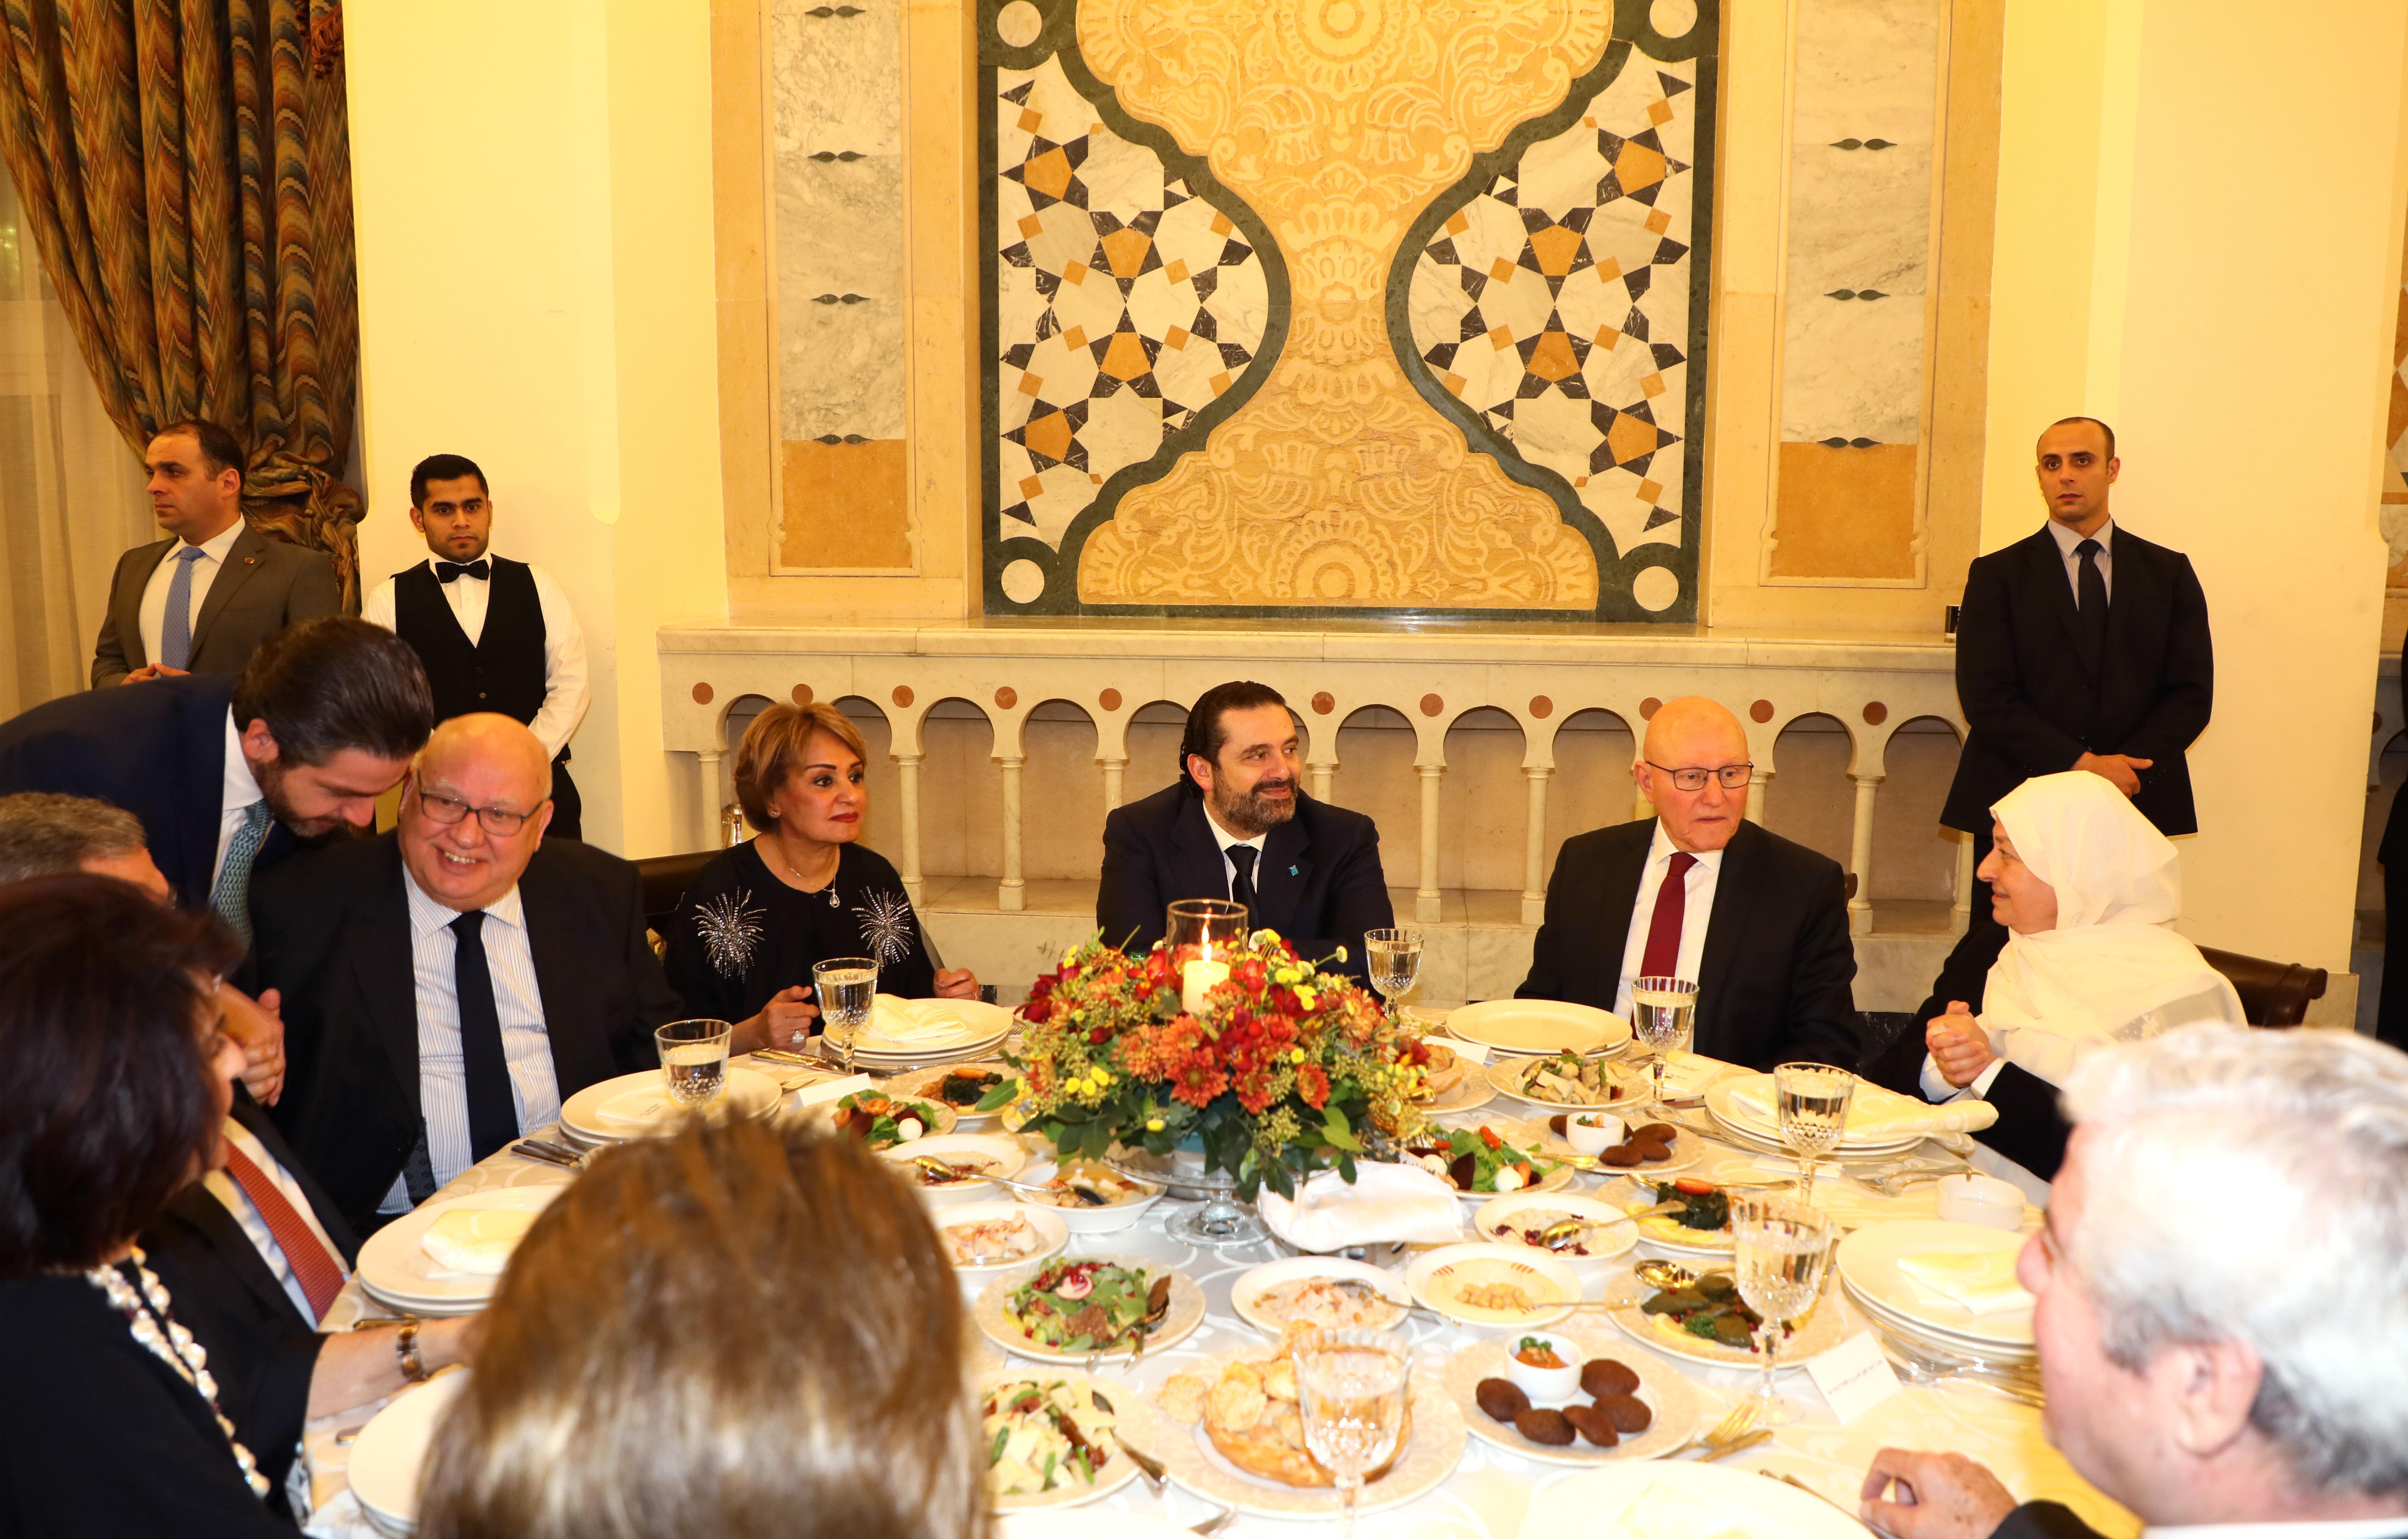 Pr Minister Saad Hariri Honors Mr Mouhamad el Saoudi 7